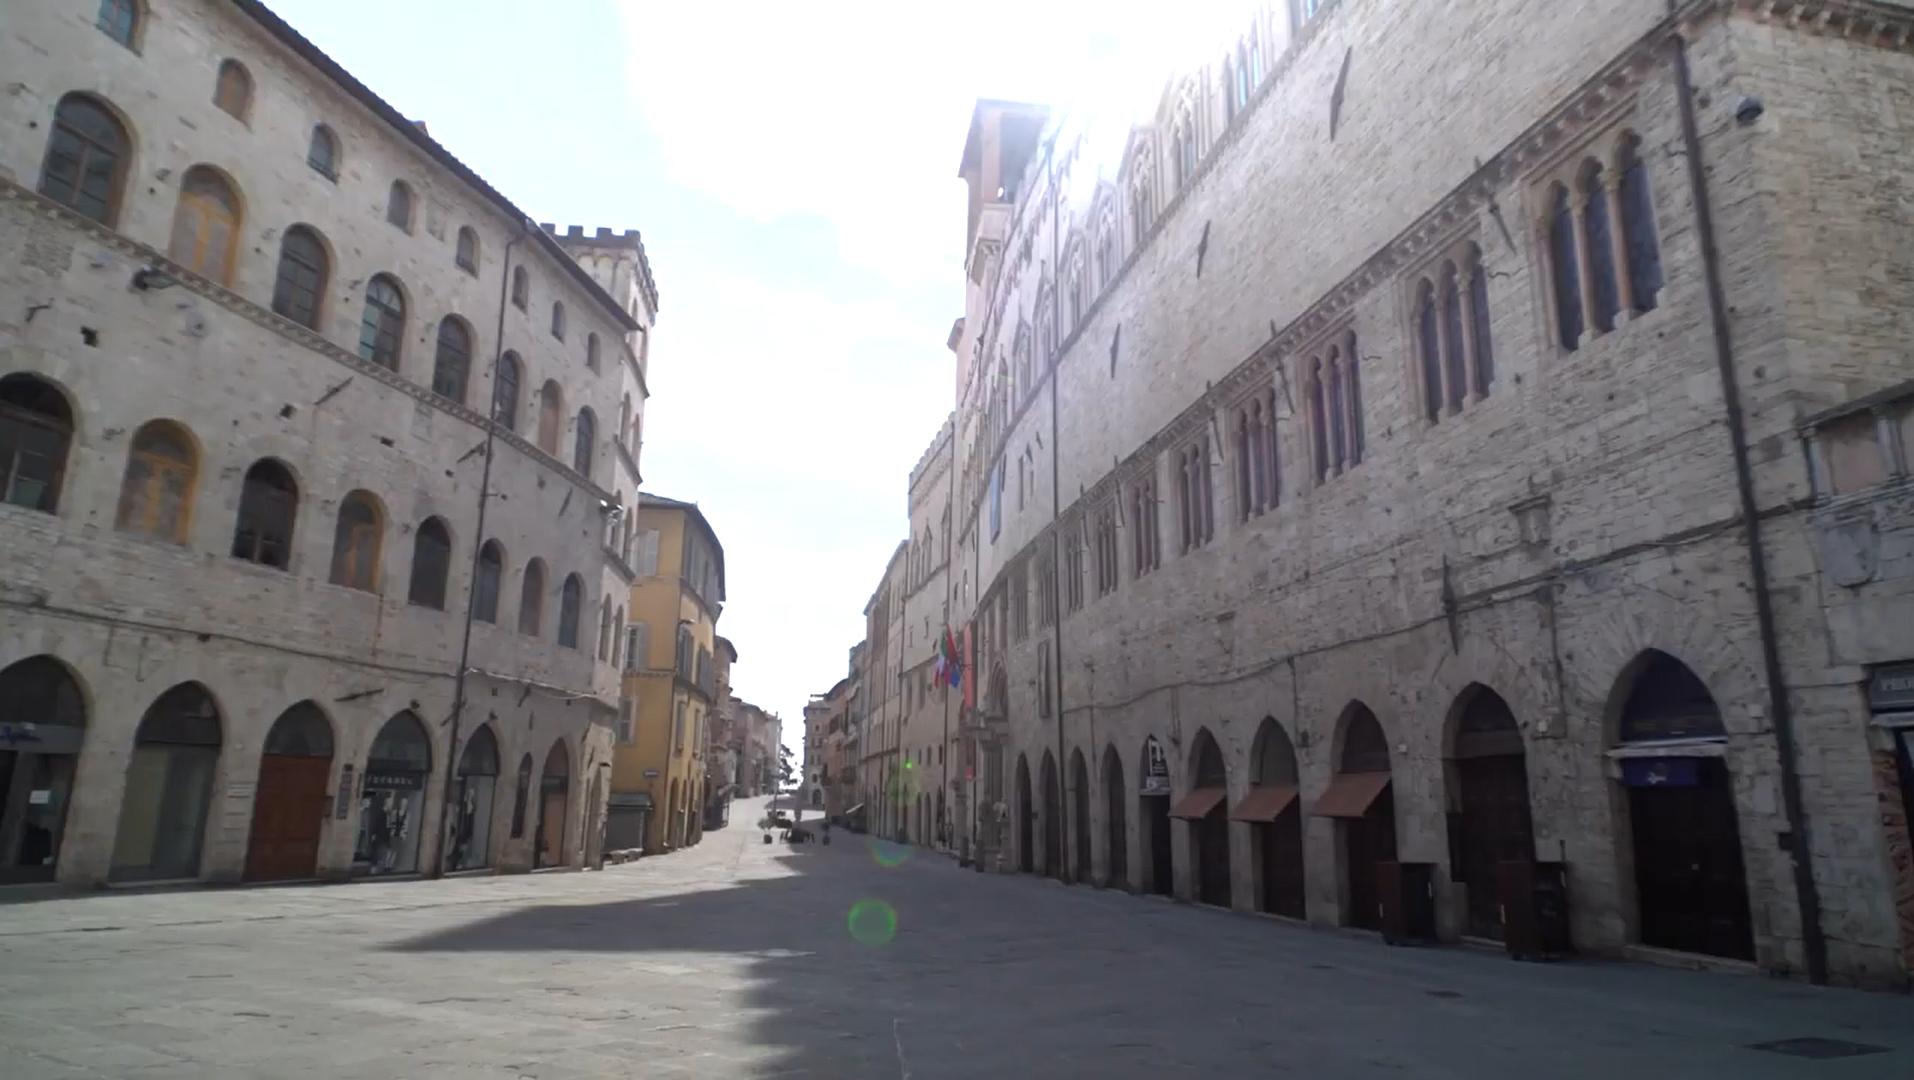 C'era una volta COVID19 – a Perugia